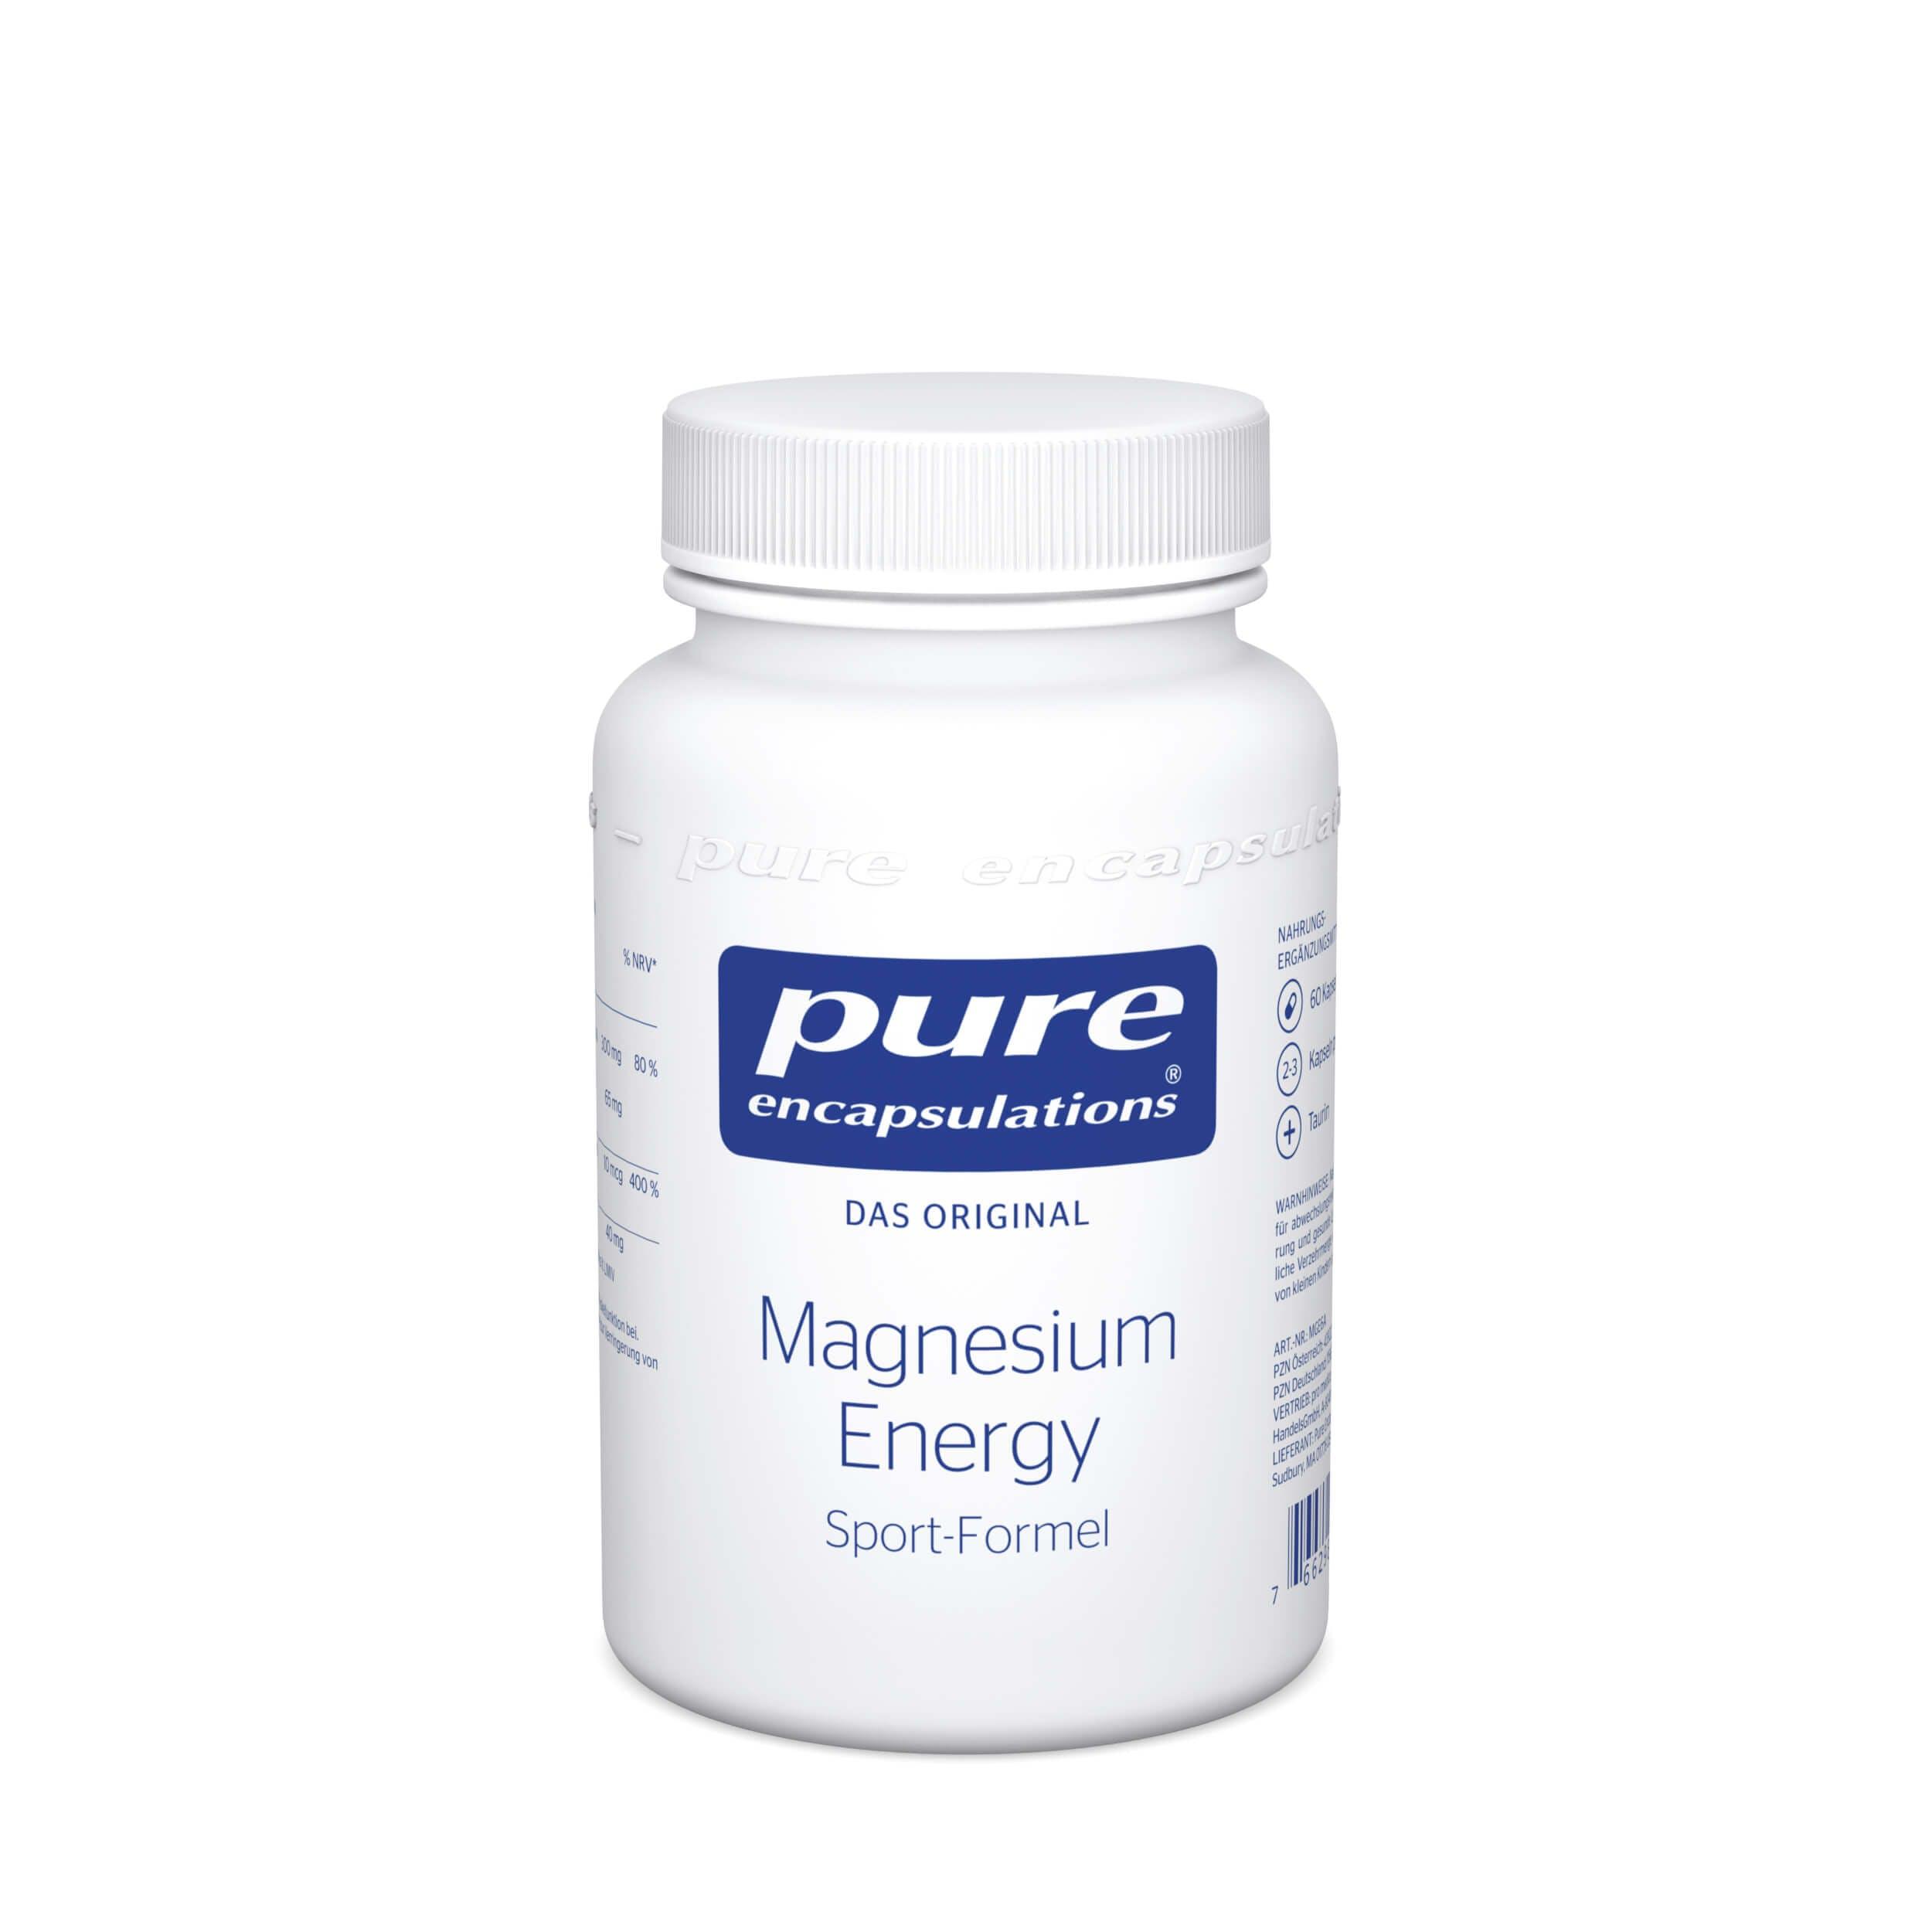 Magnesium Energy von Pure Encapsulations®: Für die Muskeln und wenn Sportler wieder ein Extra an Energie und Magnesium benötigen.